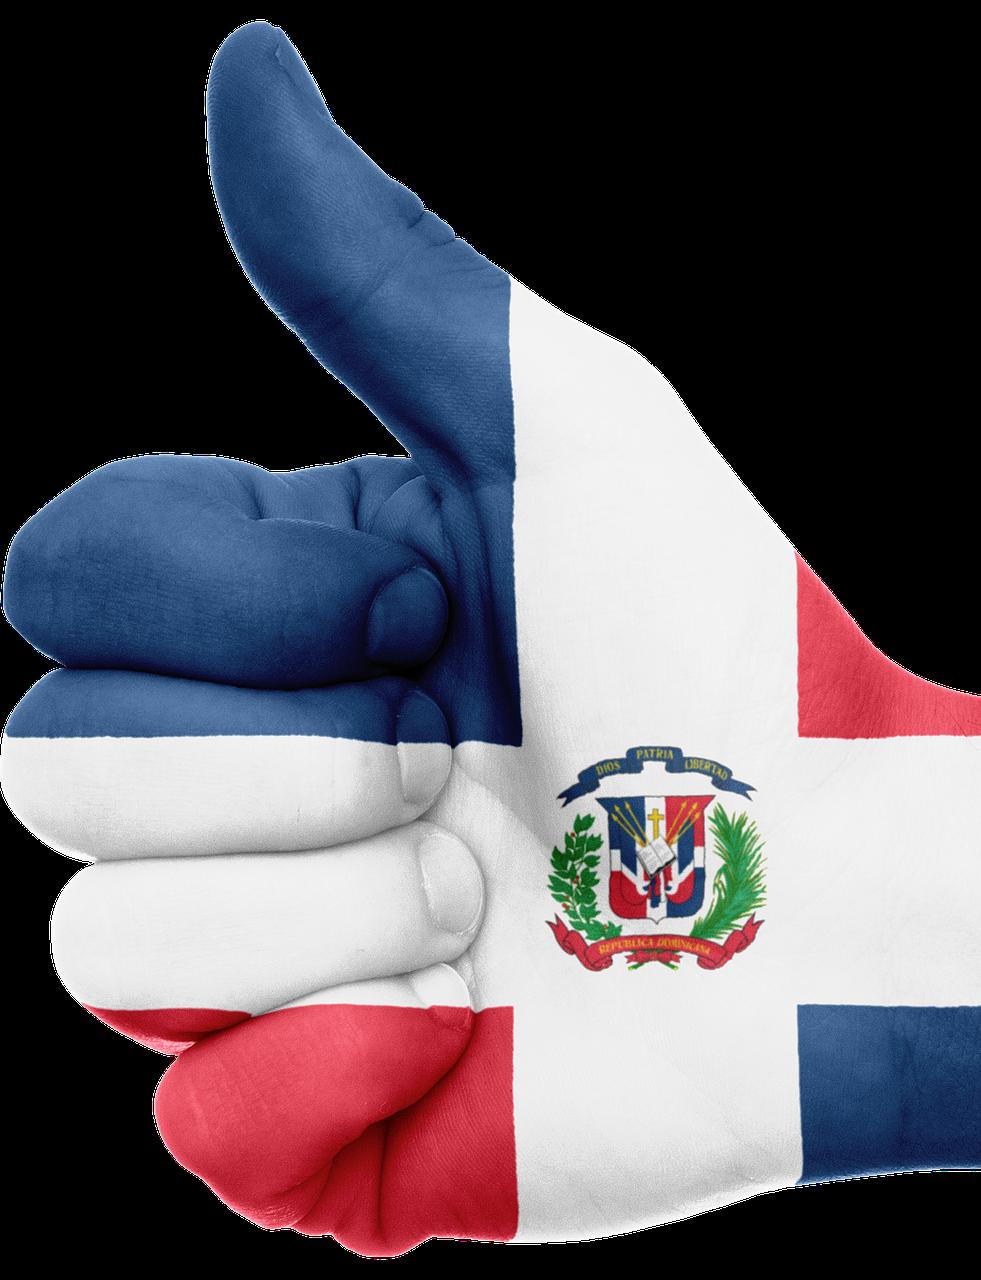 Una Pais Unico Dominican Republic Flag Dominican Republic Dominican Republic Beaches